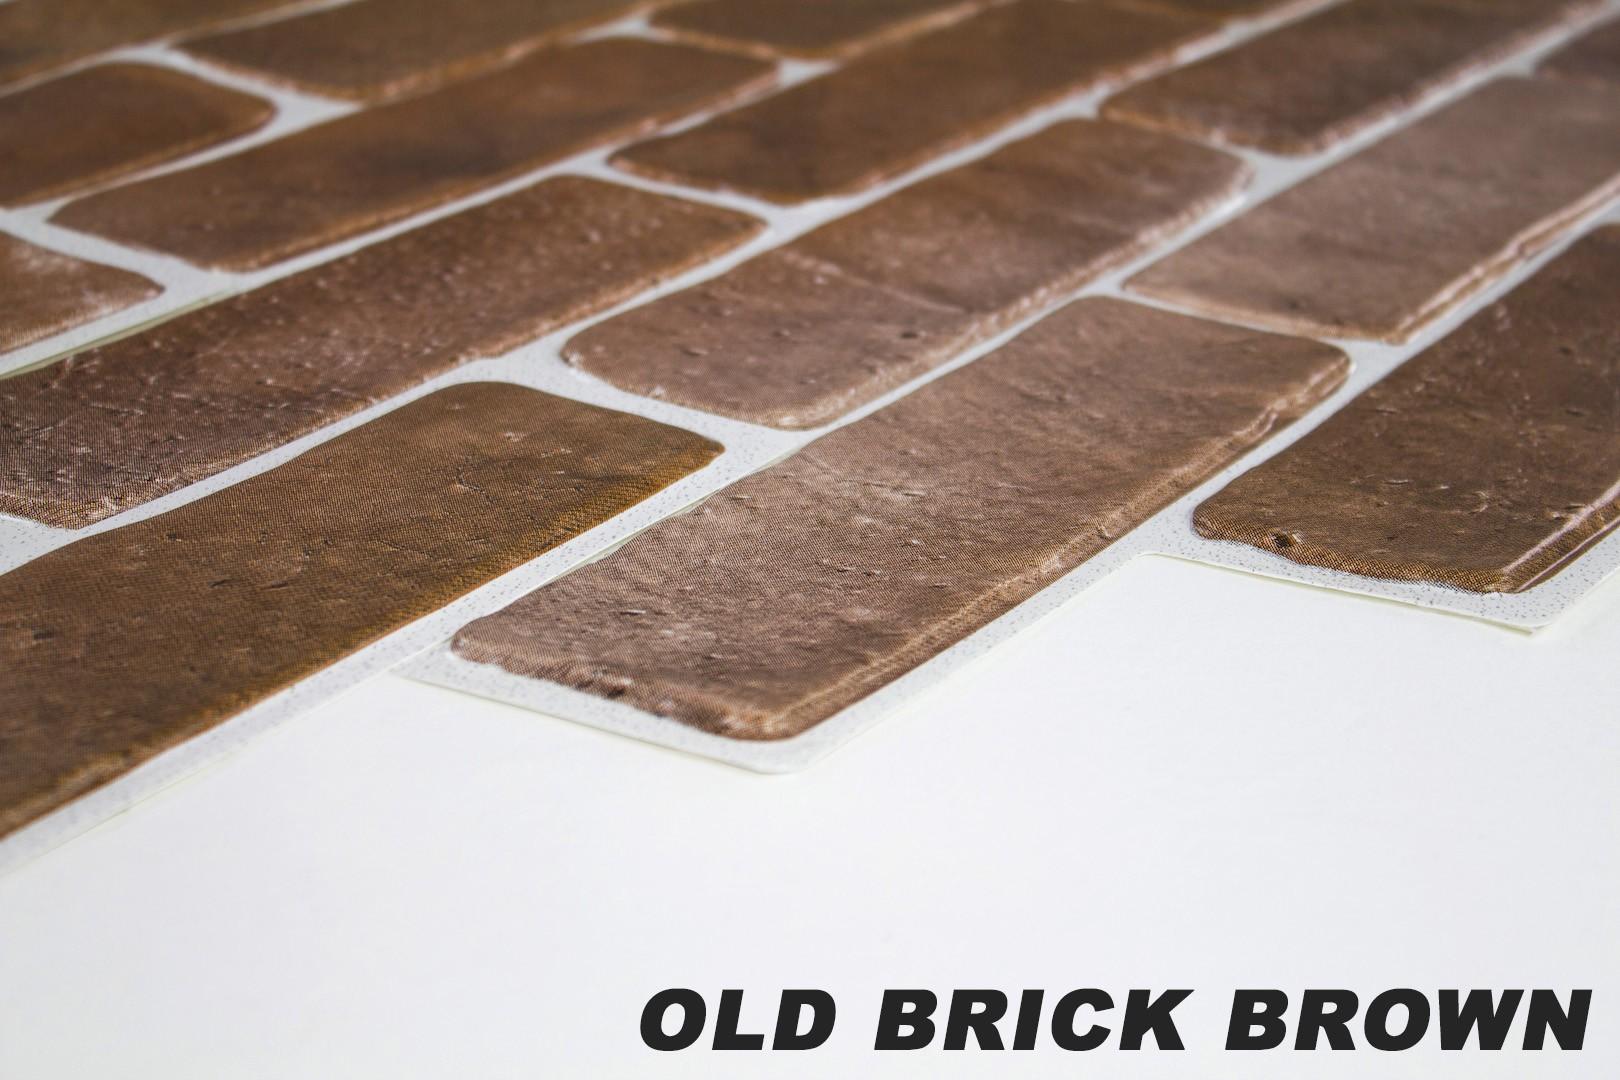 Old brick brown originalbild 2